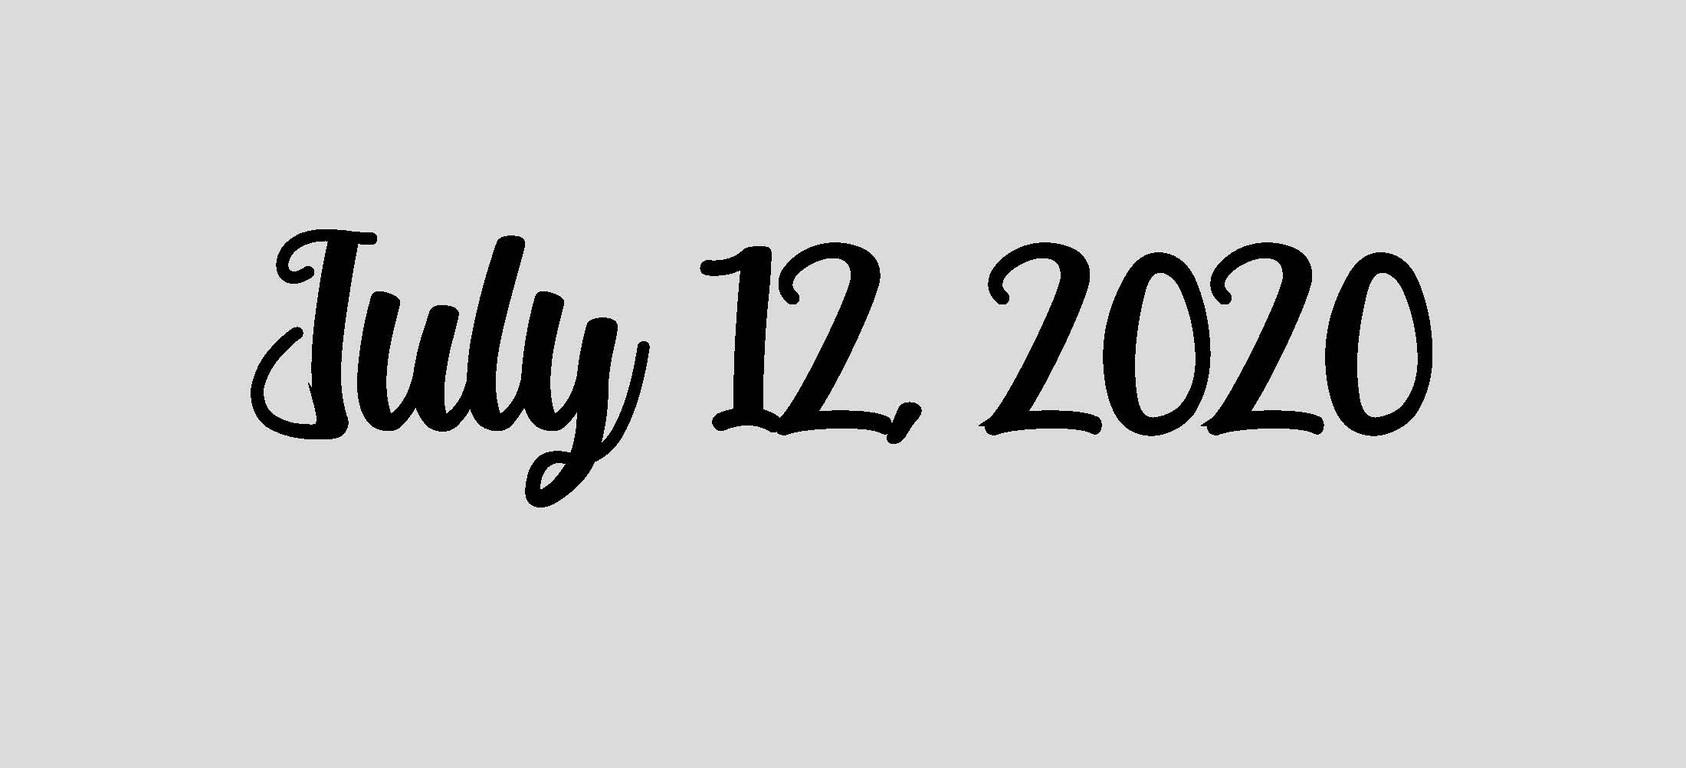 July 12, 2020